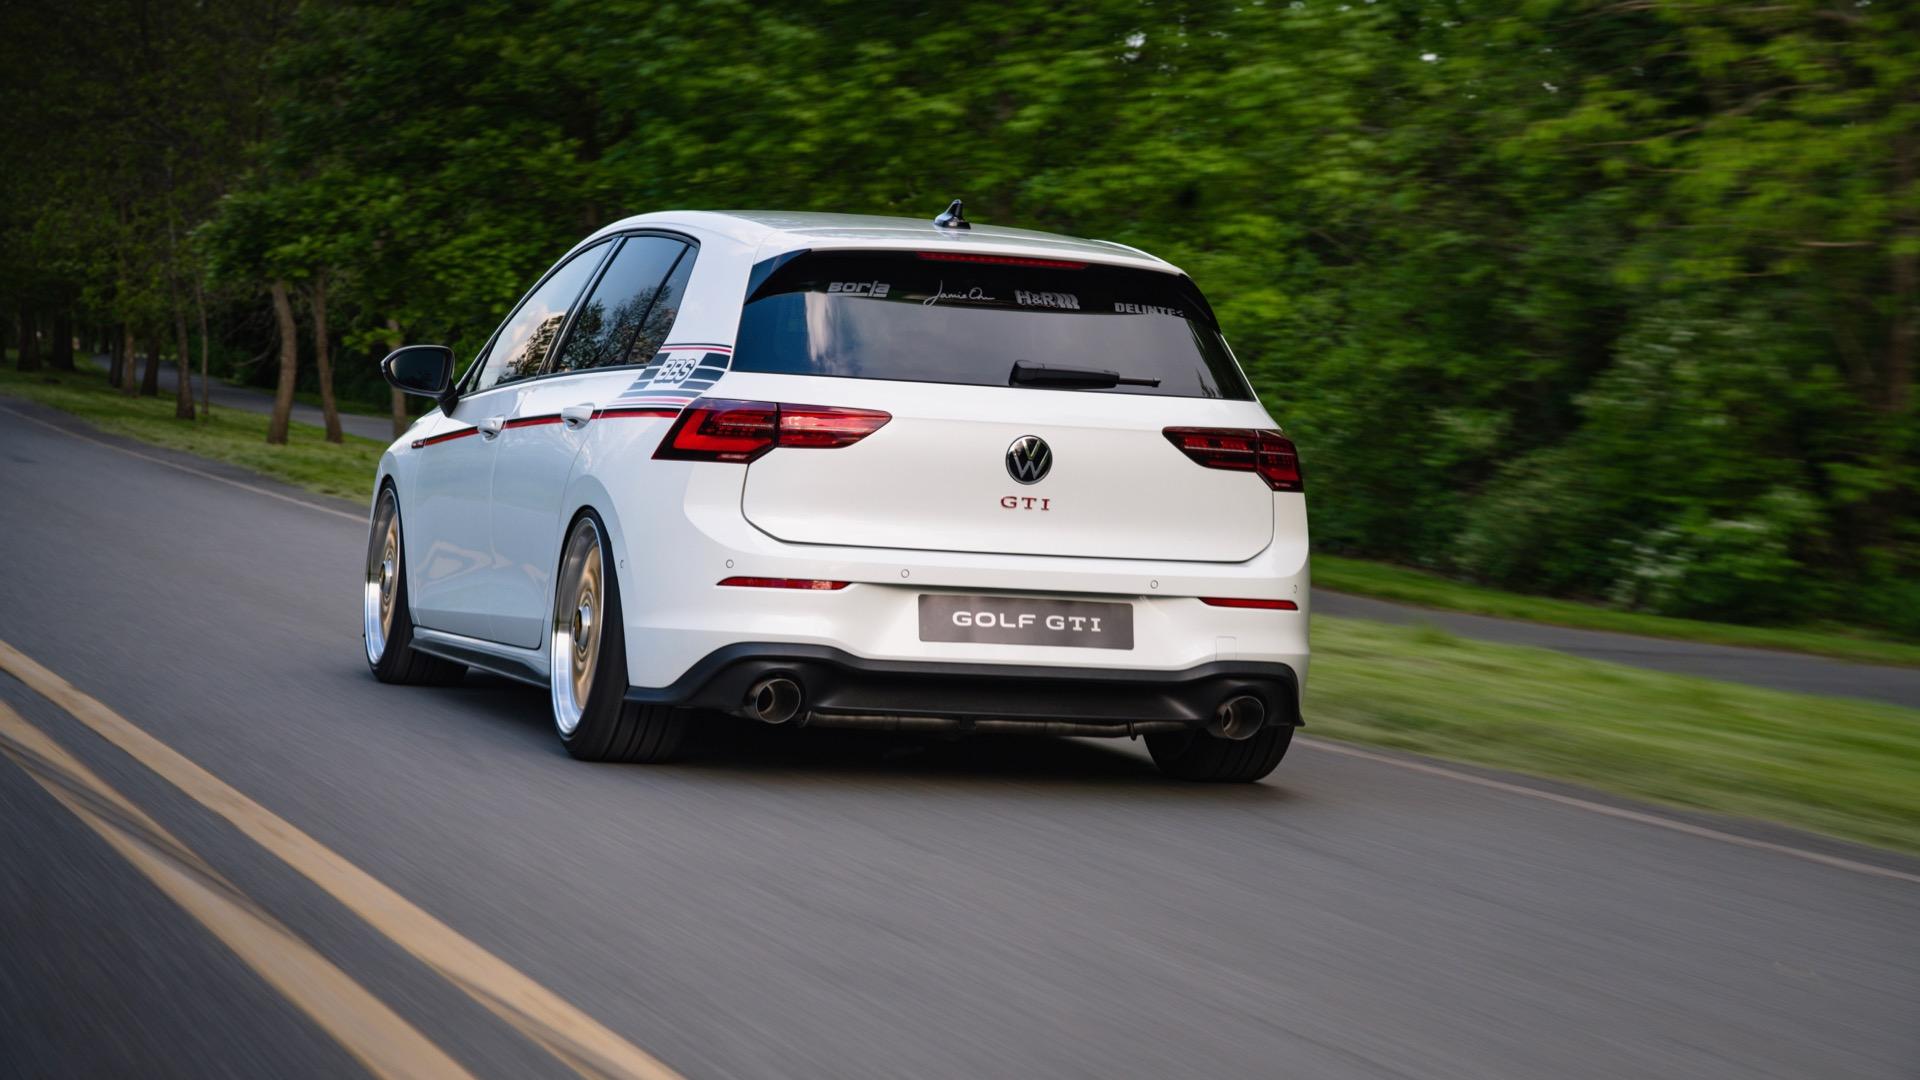 2021 Volkswagen GTI BBS concept Rear Wallpapers (7)